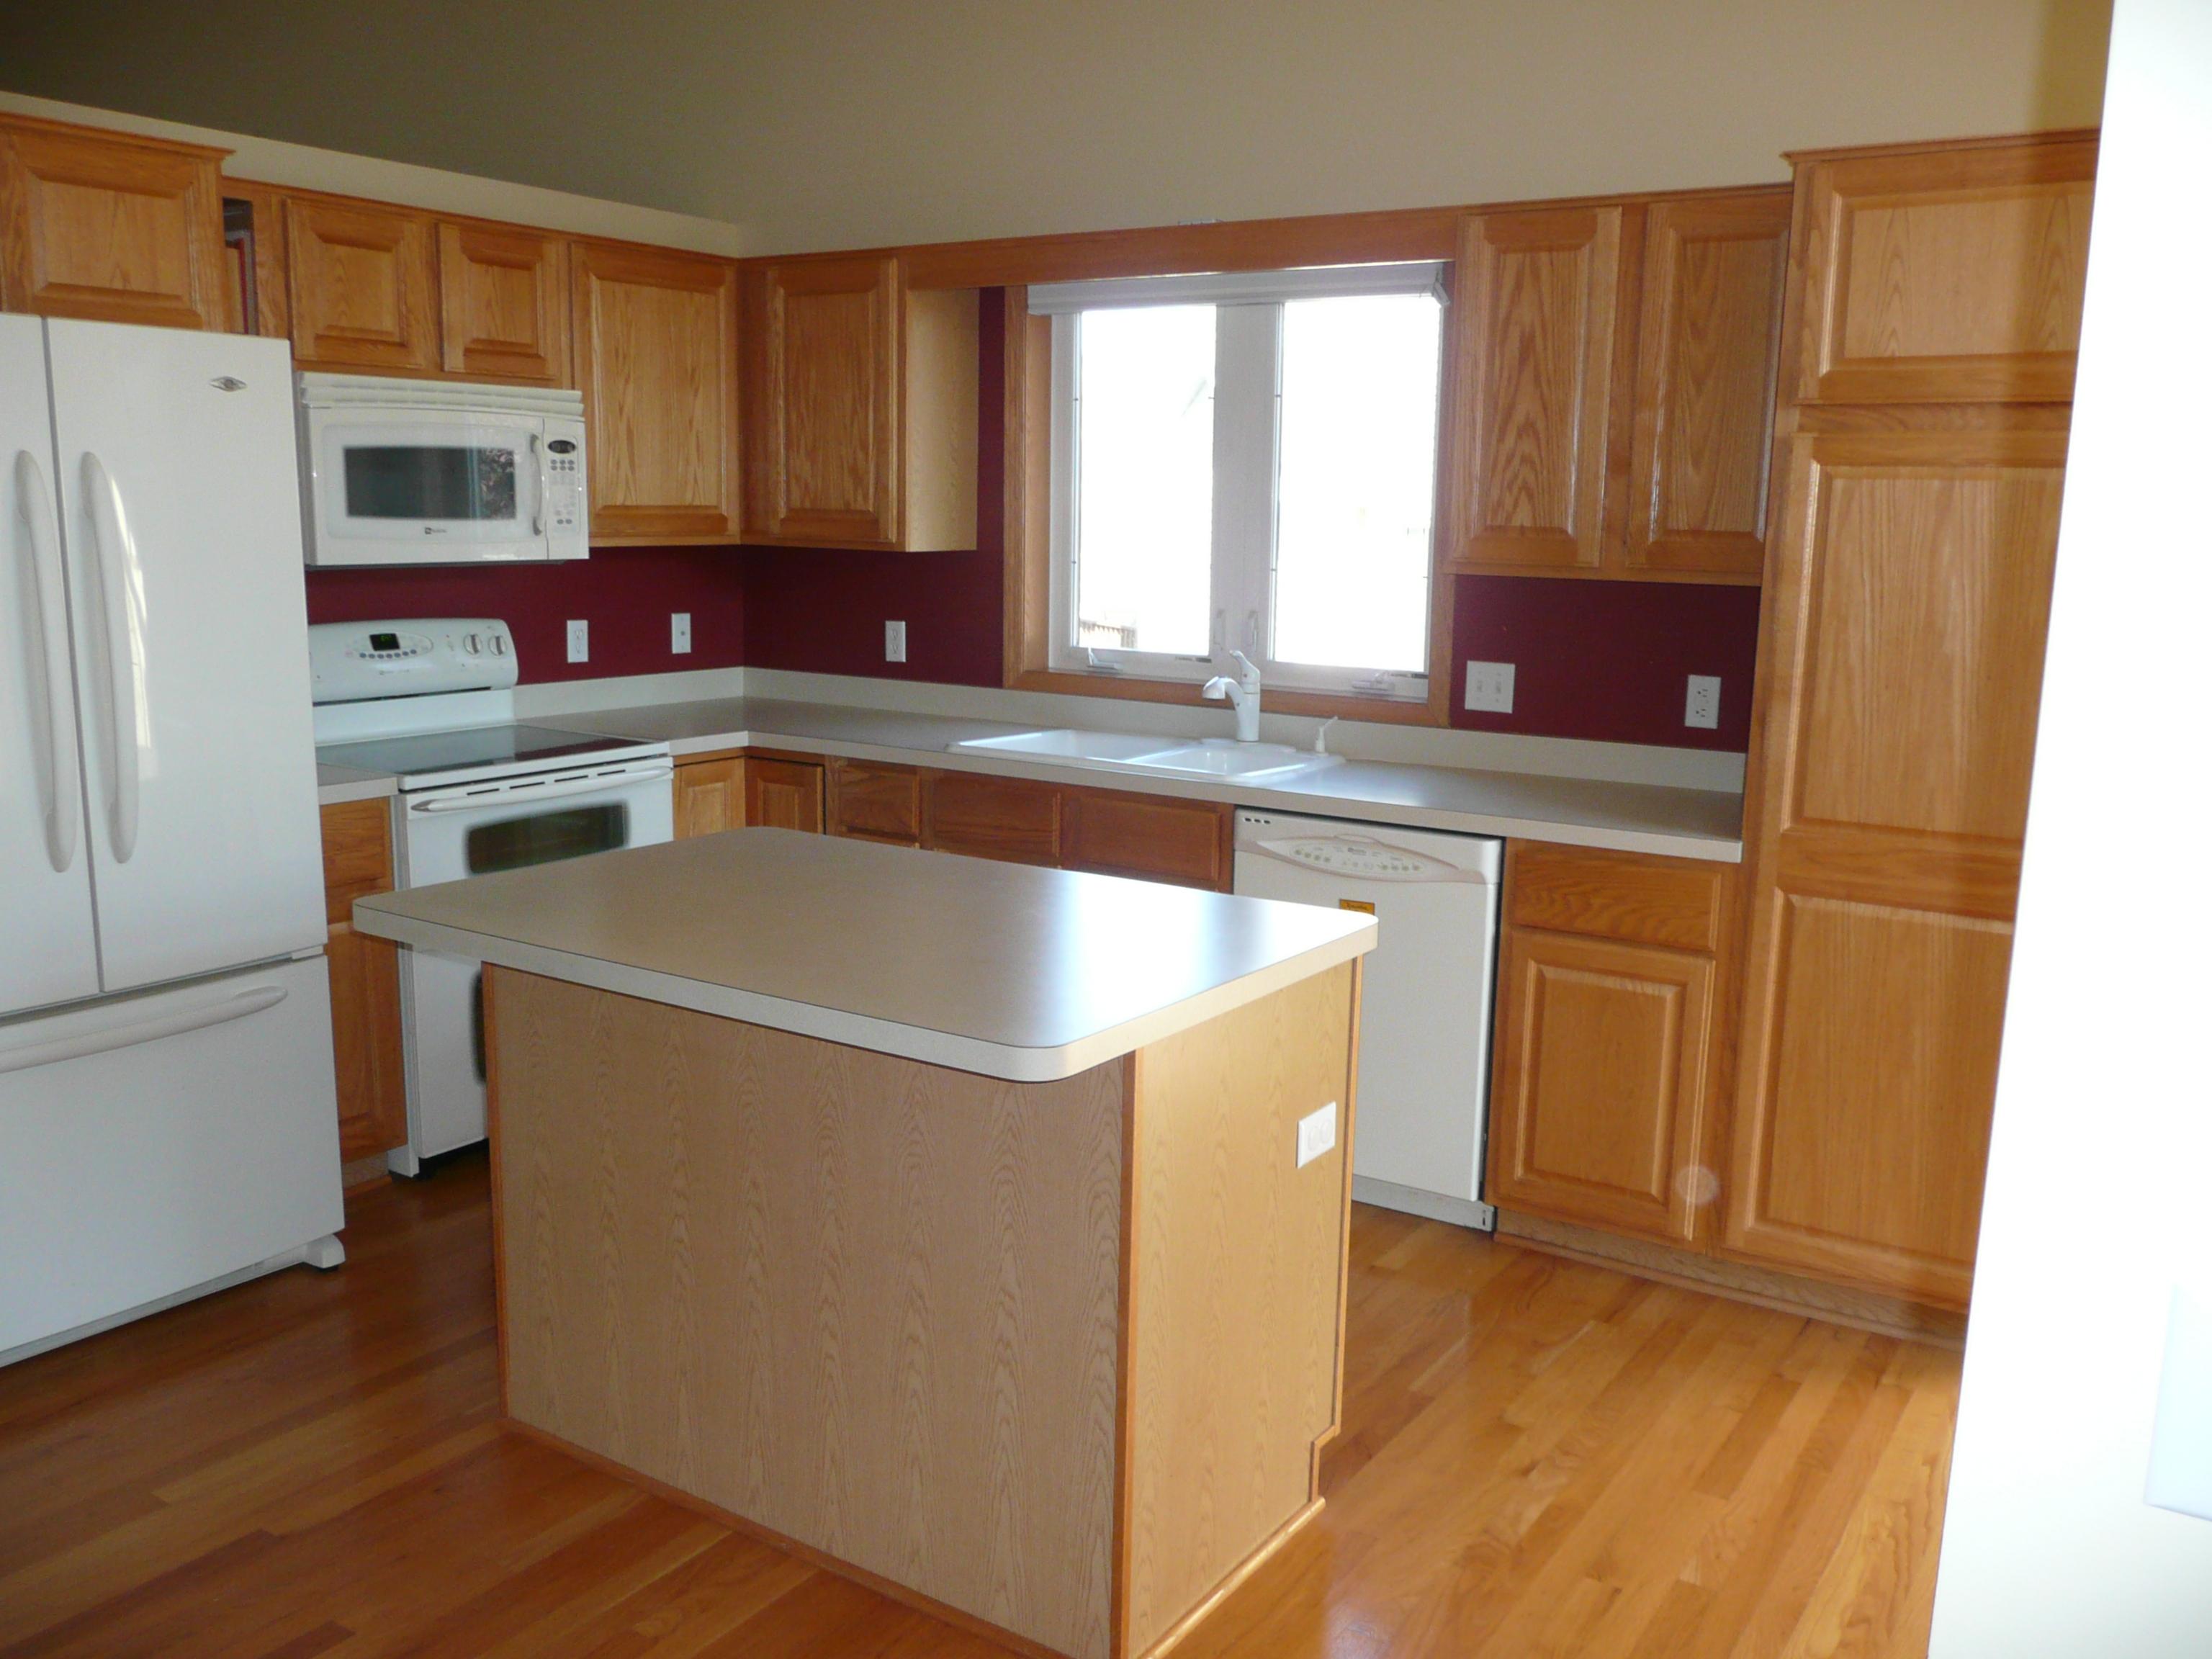 corner kitchen island cabinets for kitchen island Corner kitchen island Photo 3